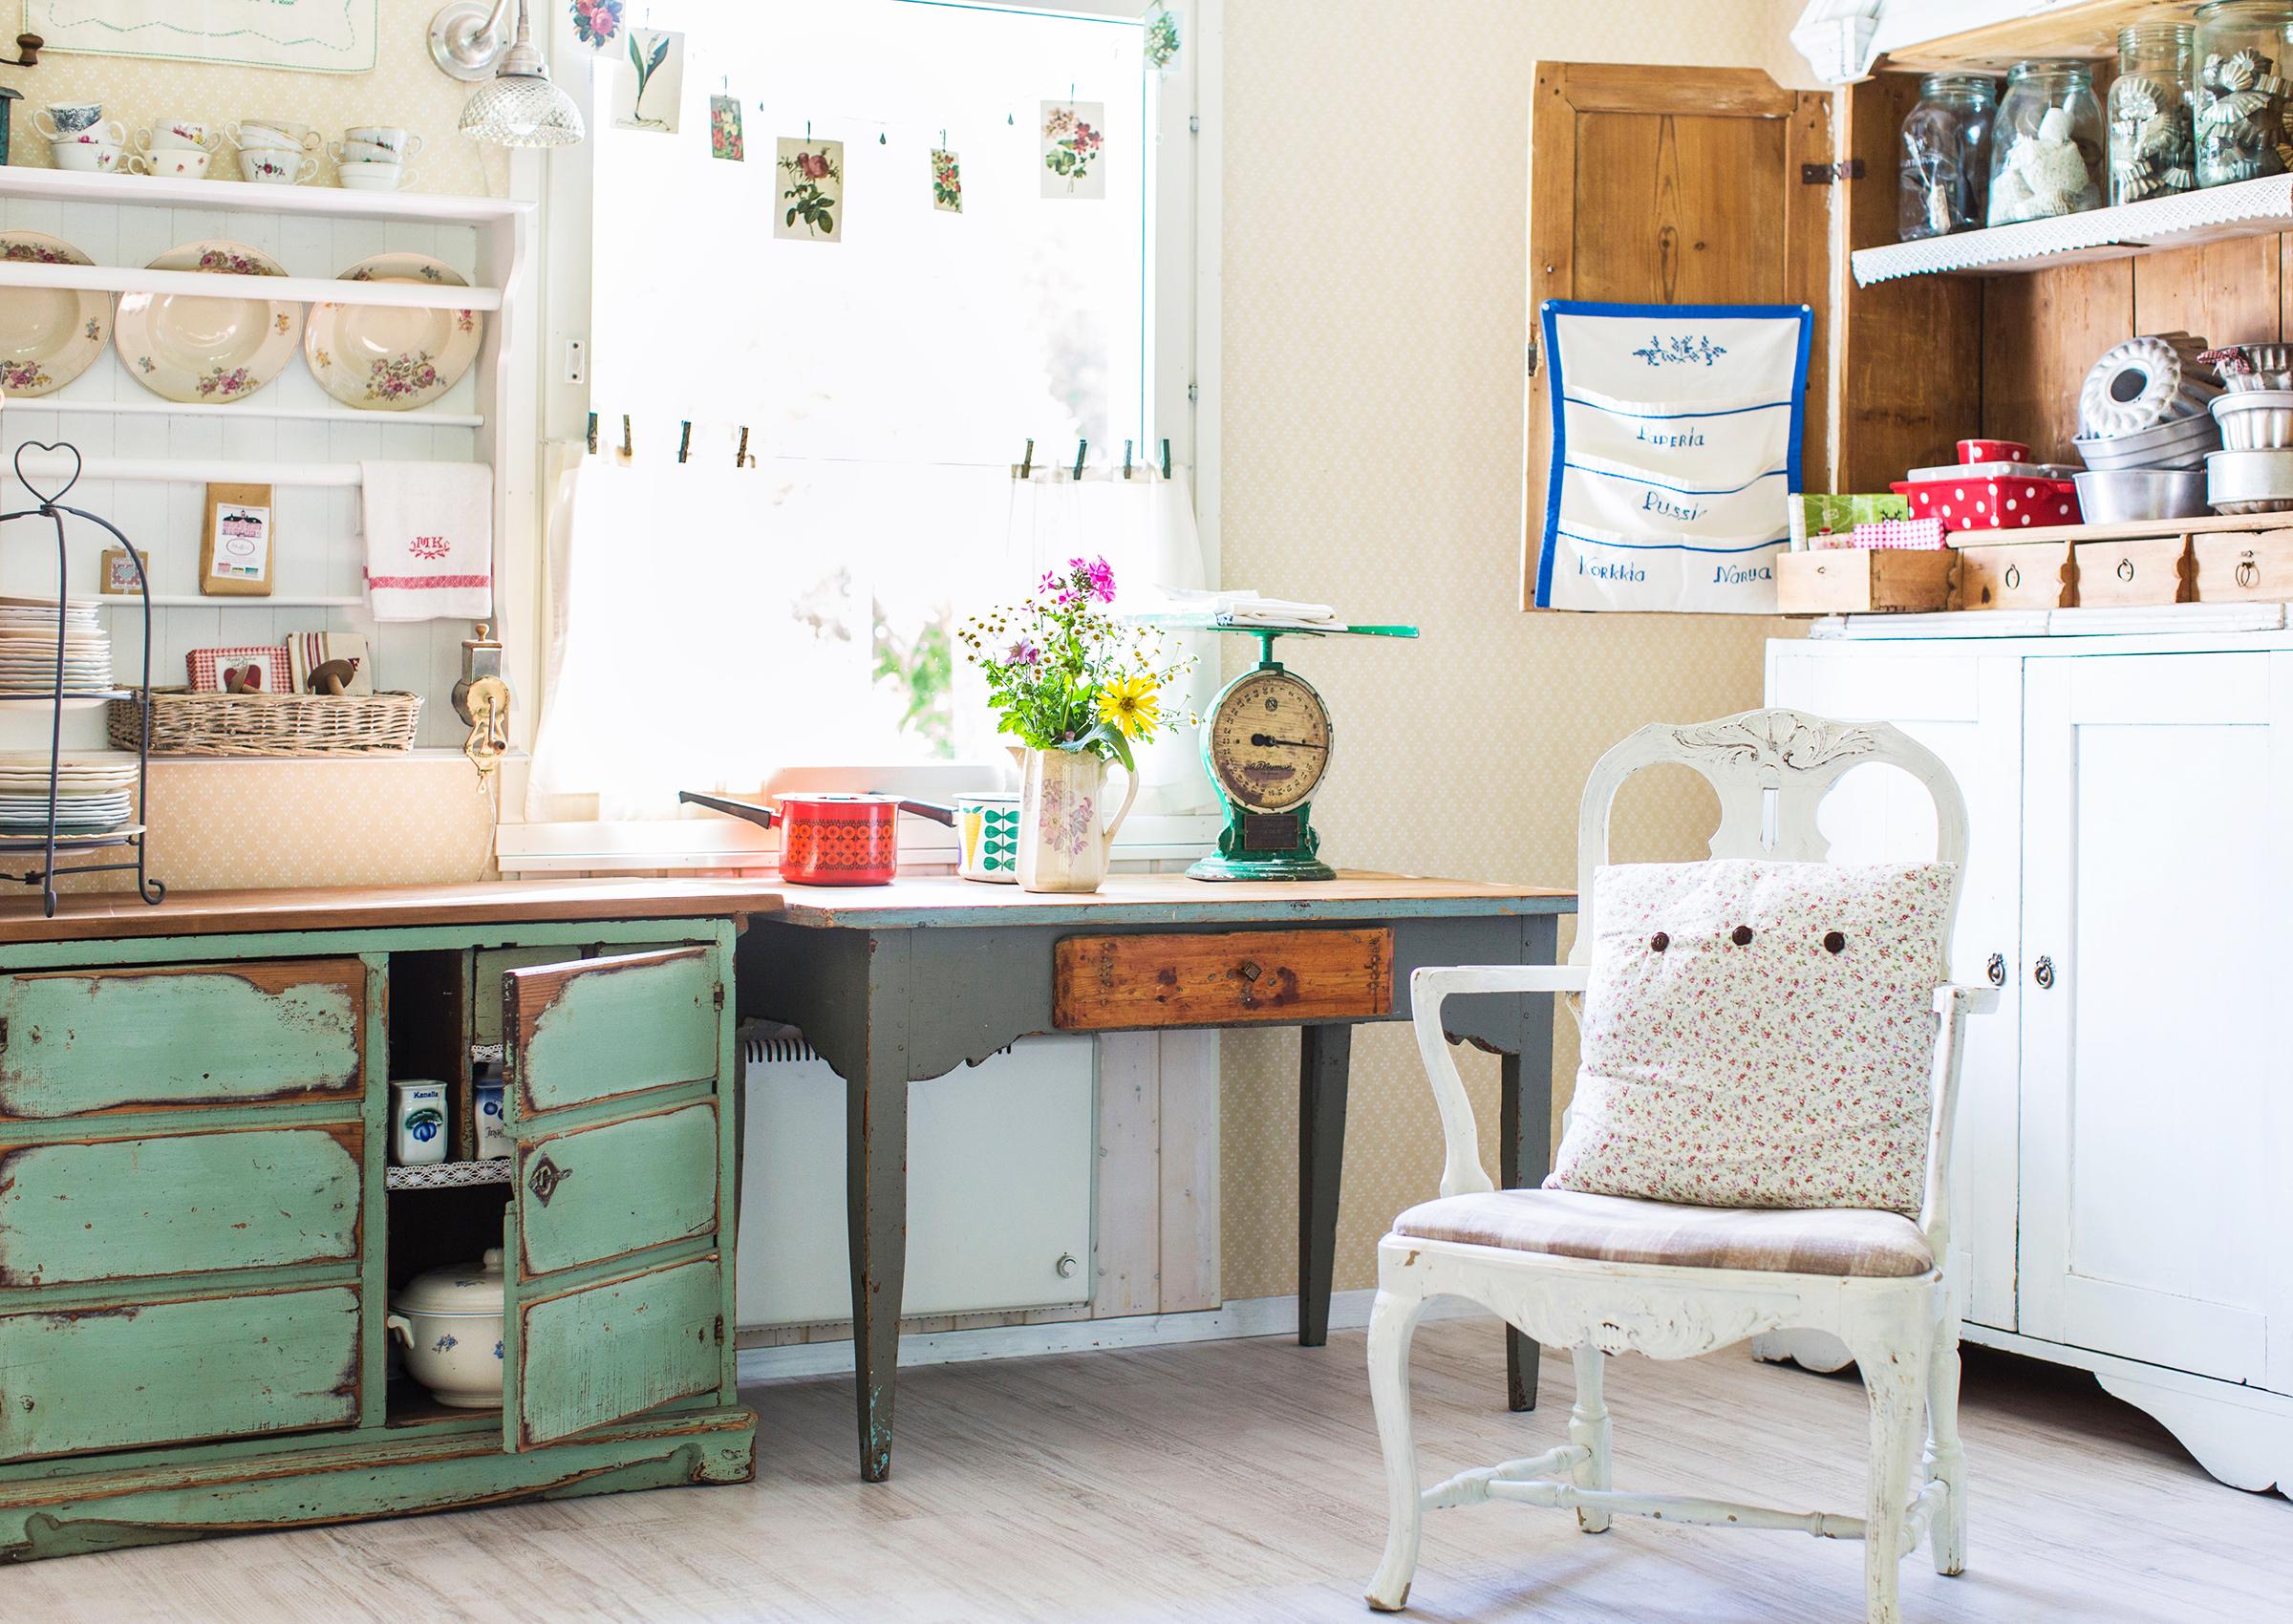 Vanha kaappi – kodin keskipiste täynnä muistoja ja aarteita